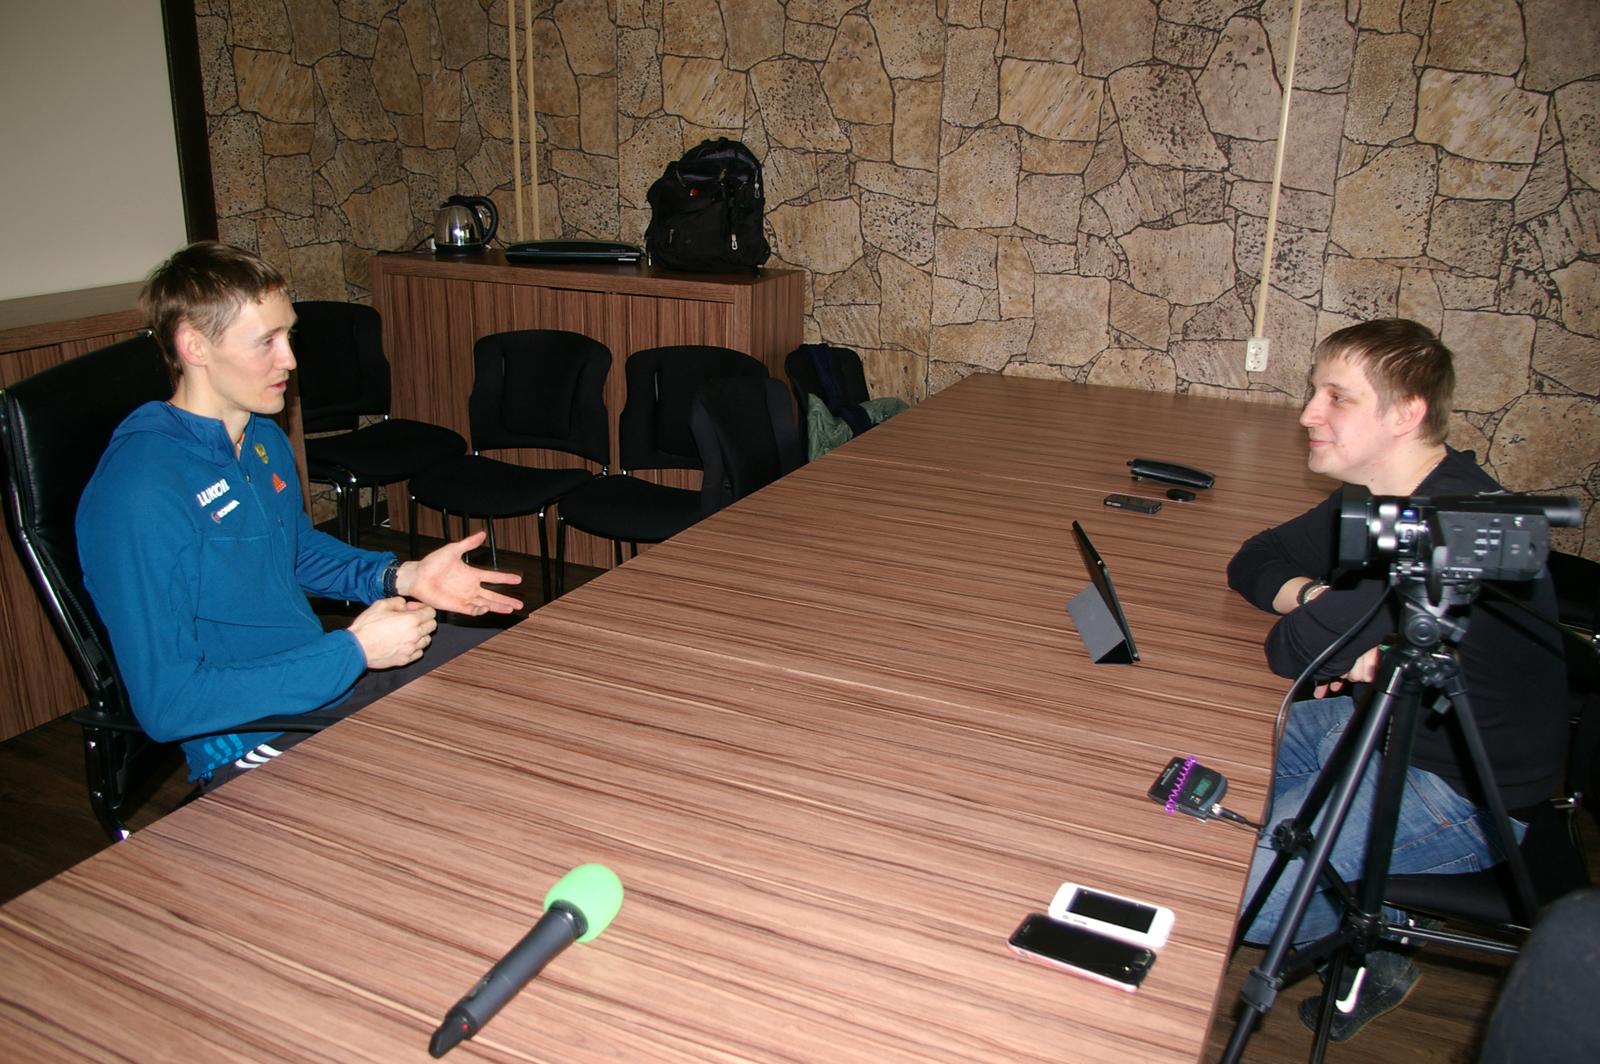 Типичное Одинцово, Никита Крюков, интервью